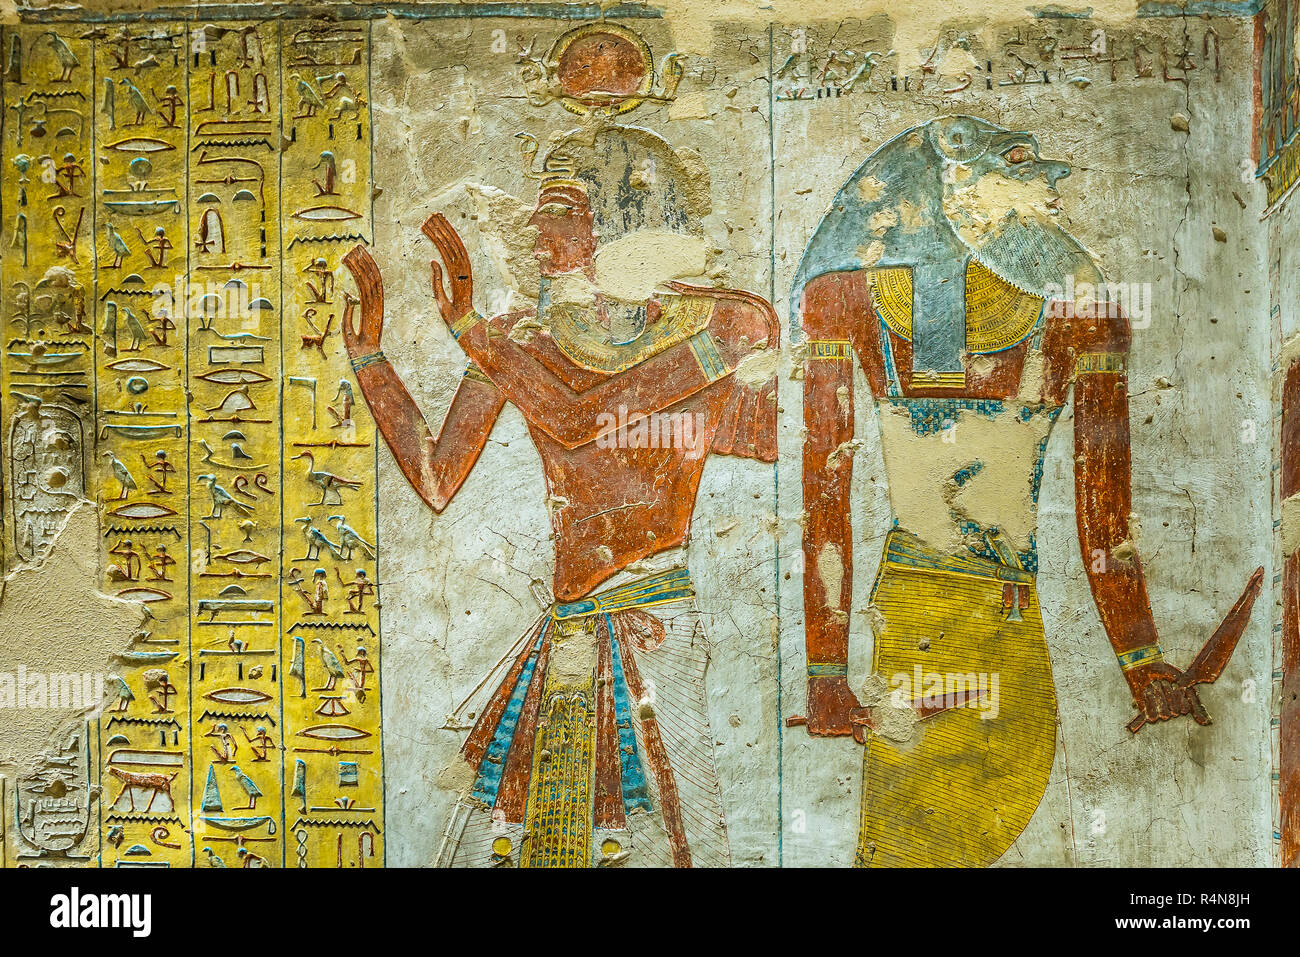 Alte Ägyptische Malerei Stockfotos und -bilder Kaufen - Alamy